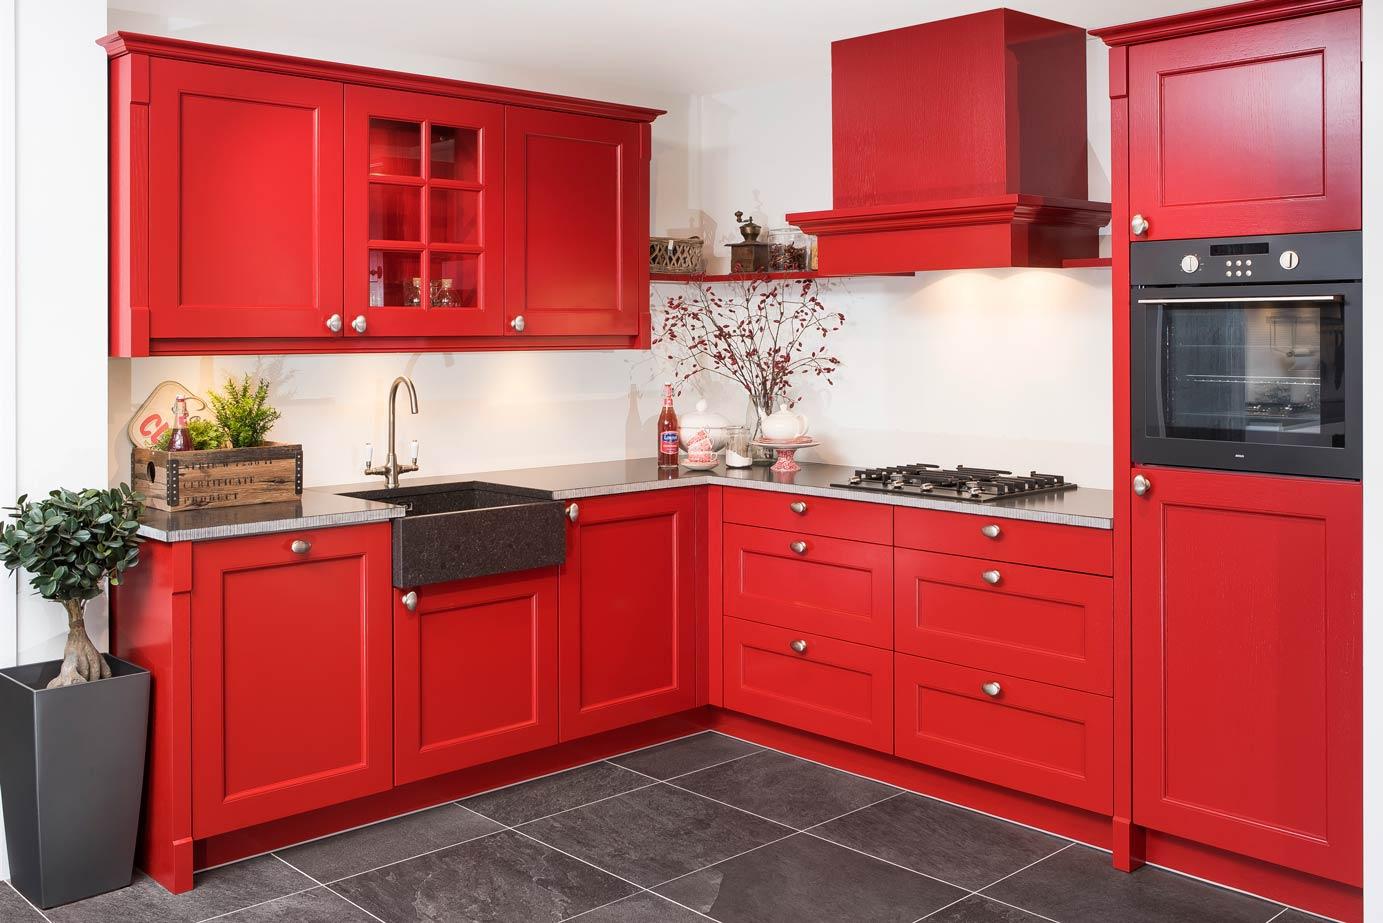 Gele Keuken 9 : Keuken kleuren elke kleur mogelijk bekijk voorbeelden avanti